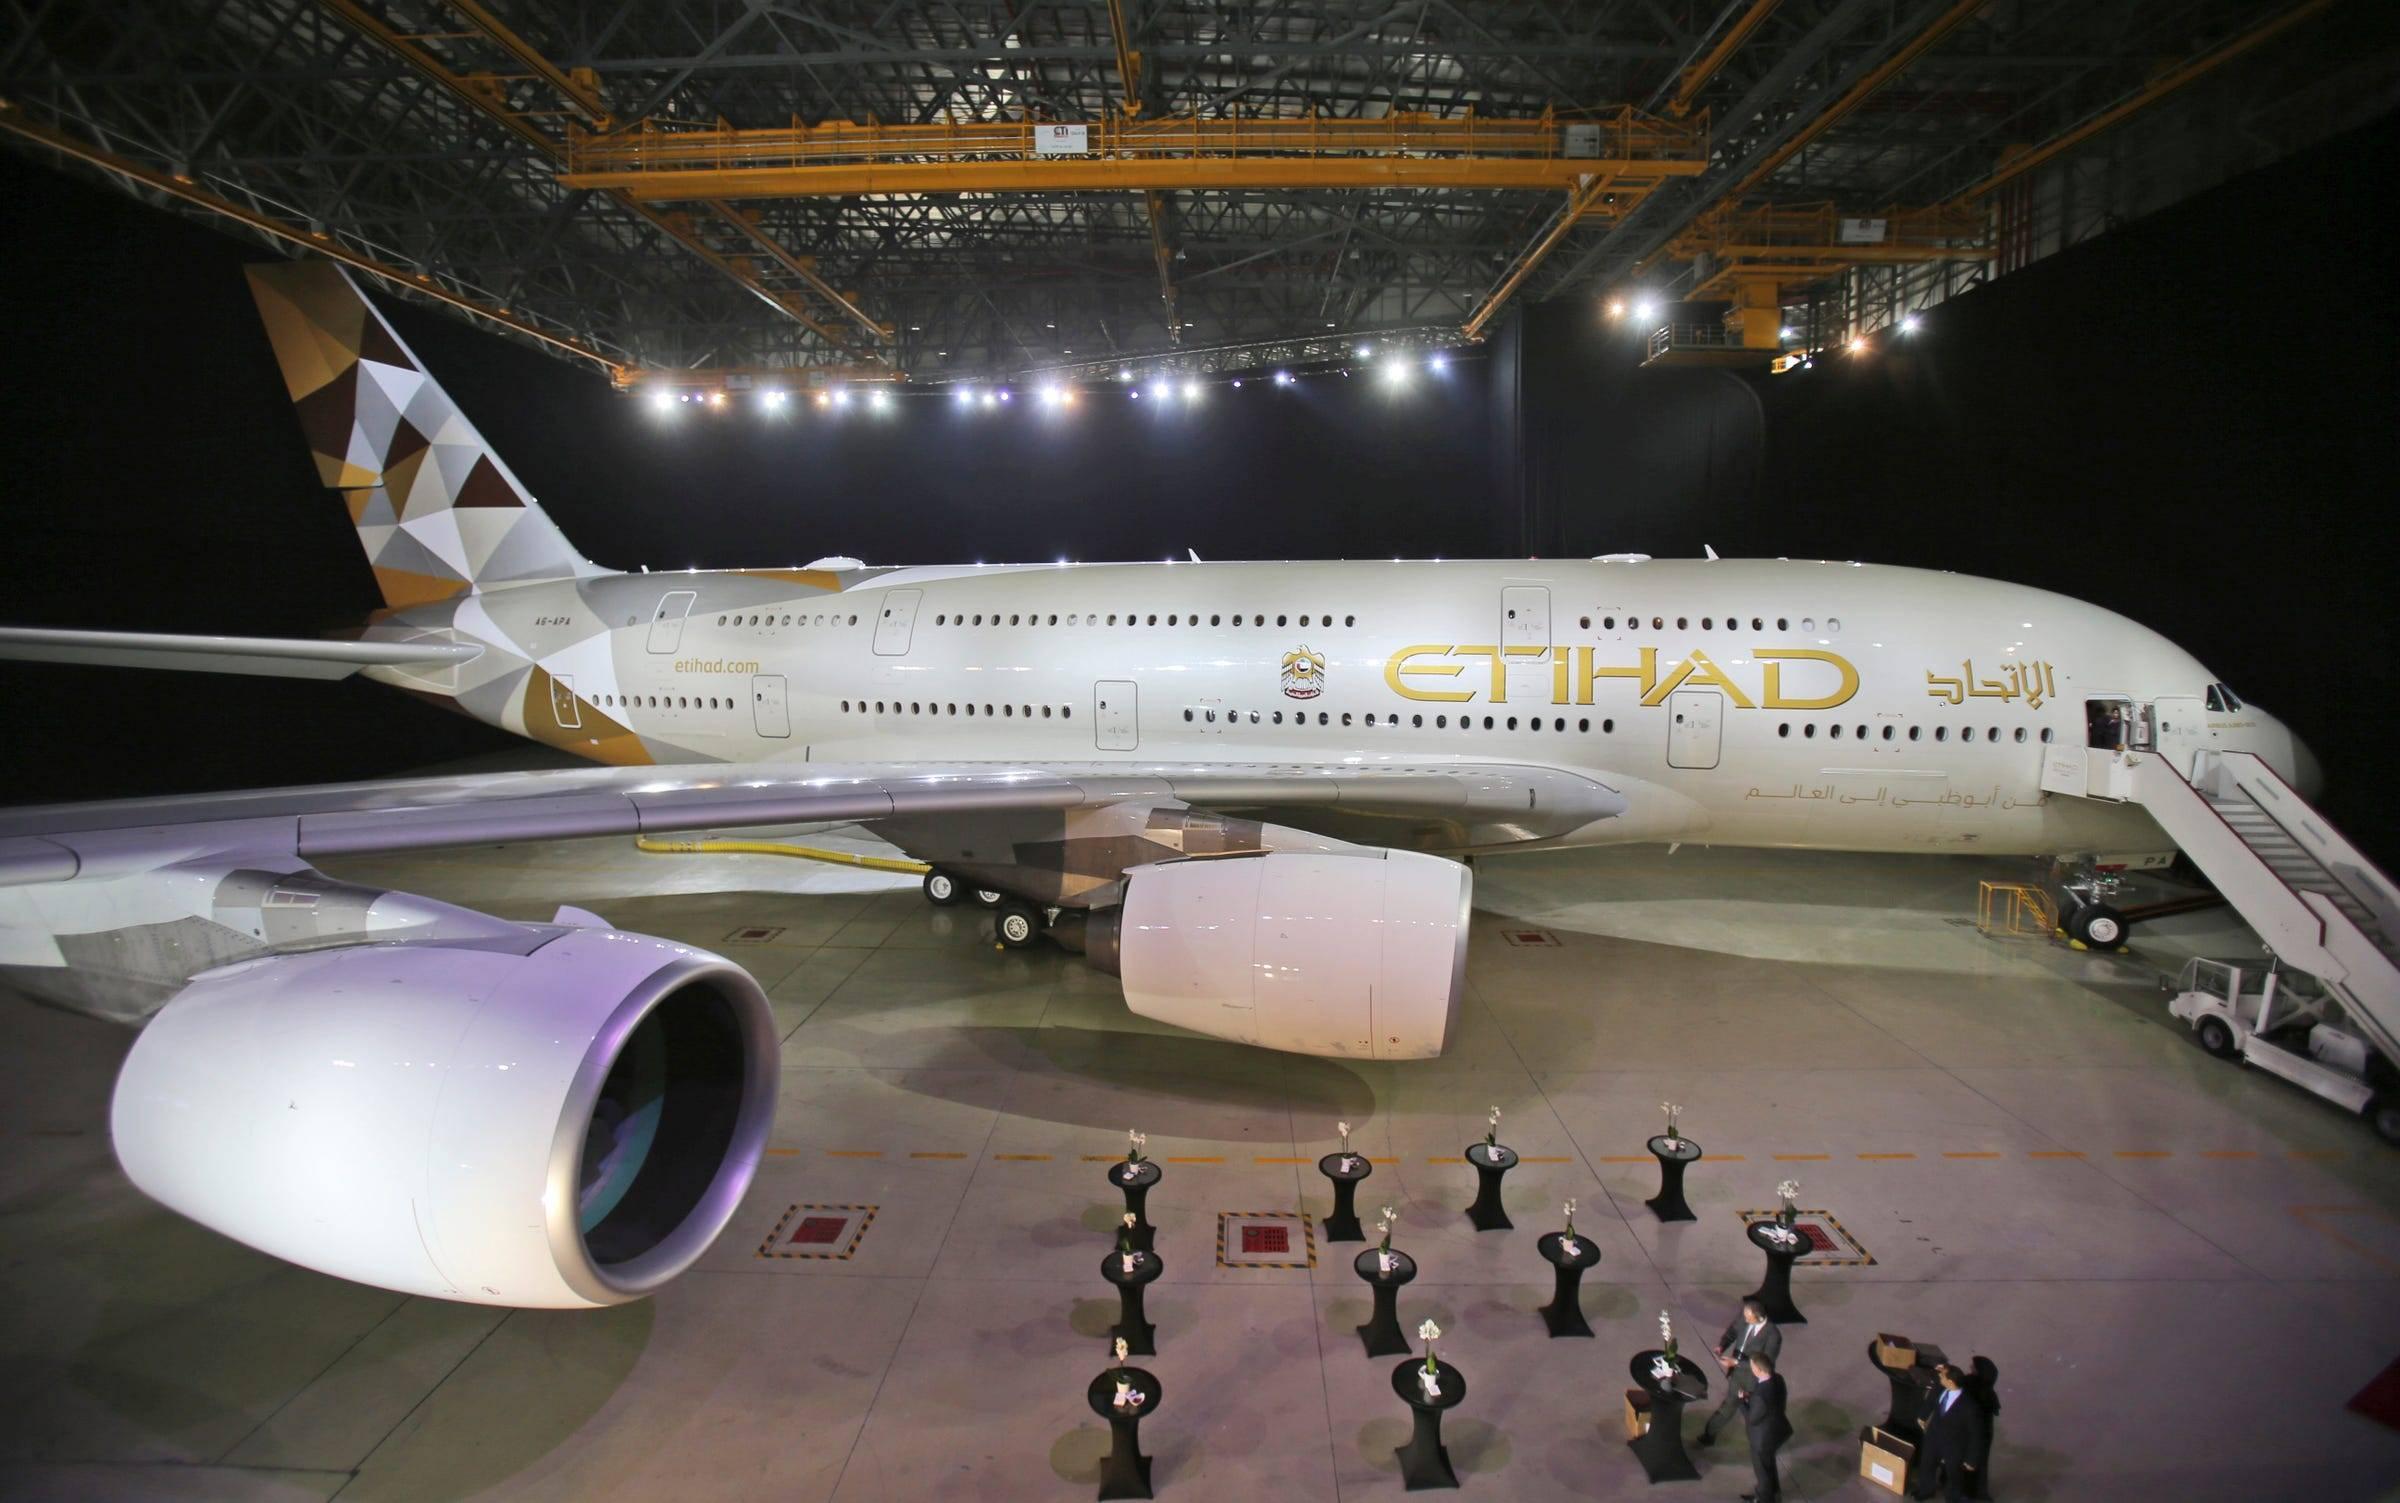 Airbus beluga a300-600